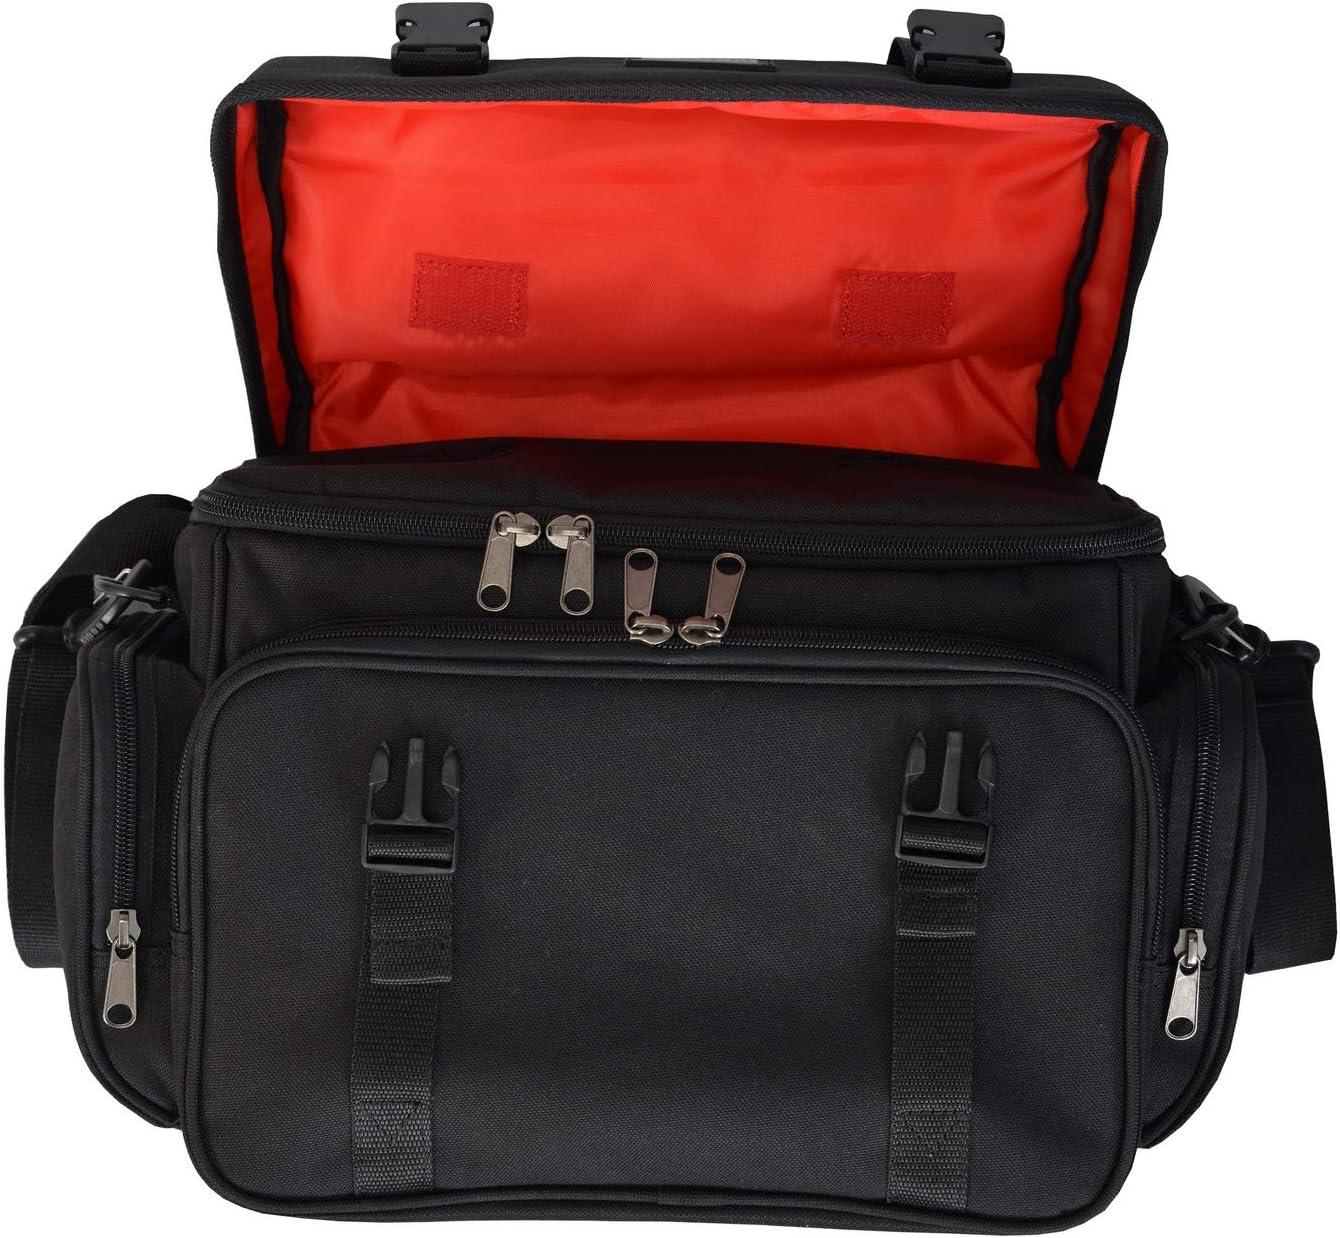 12.6 x 9.8 x 5.9 XSY Unisex DSLR Camera Bag Women Men SLR Shoulder Sling Messenger Small K11S